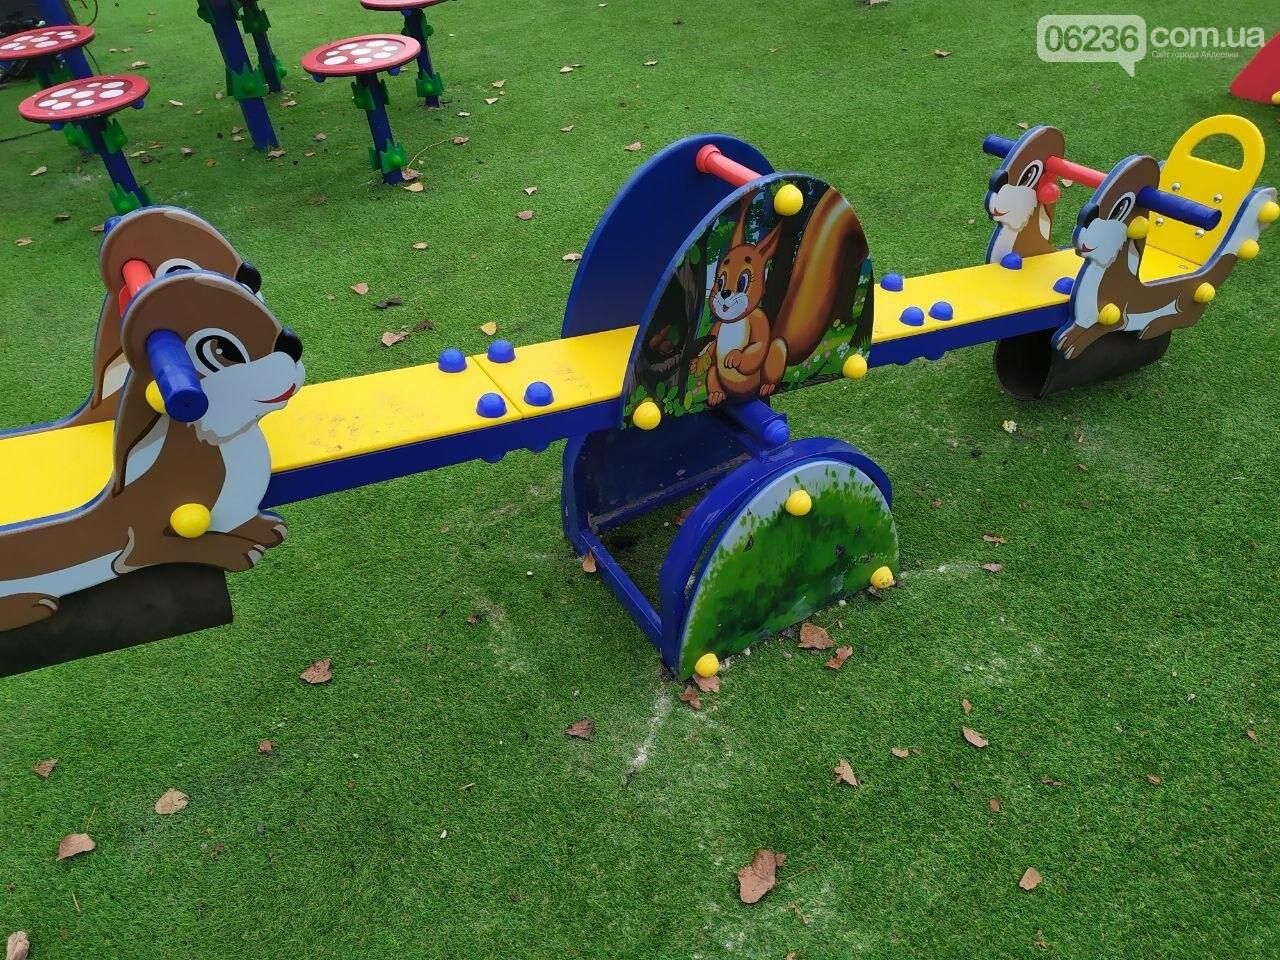 В  Авдеевке состоялось праздничное открытие большой детской площадки , фото-3